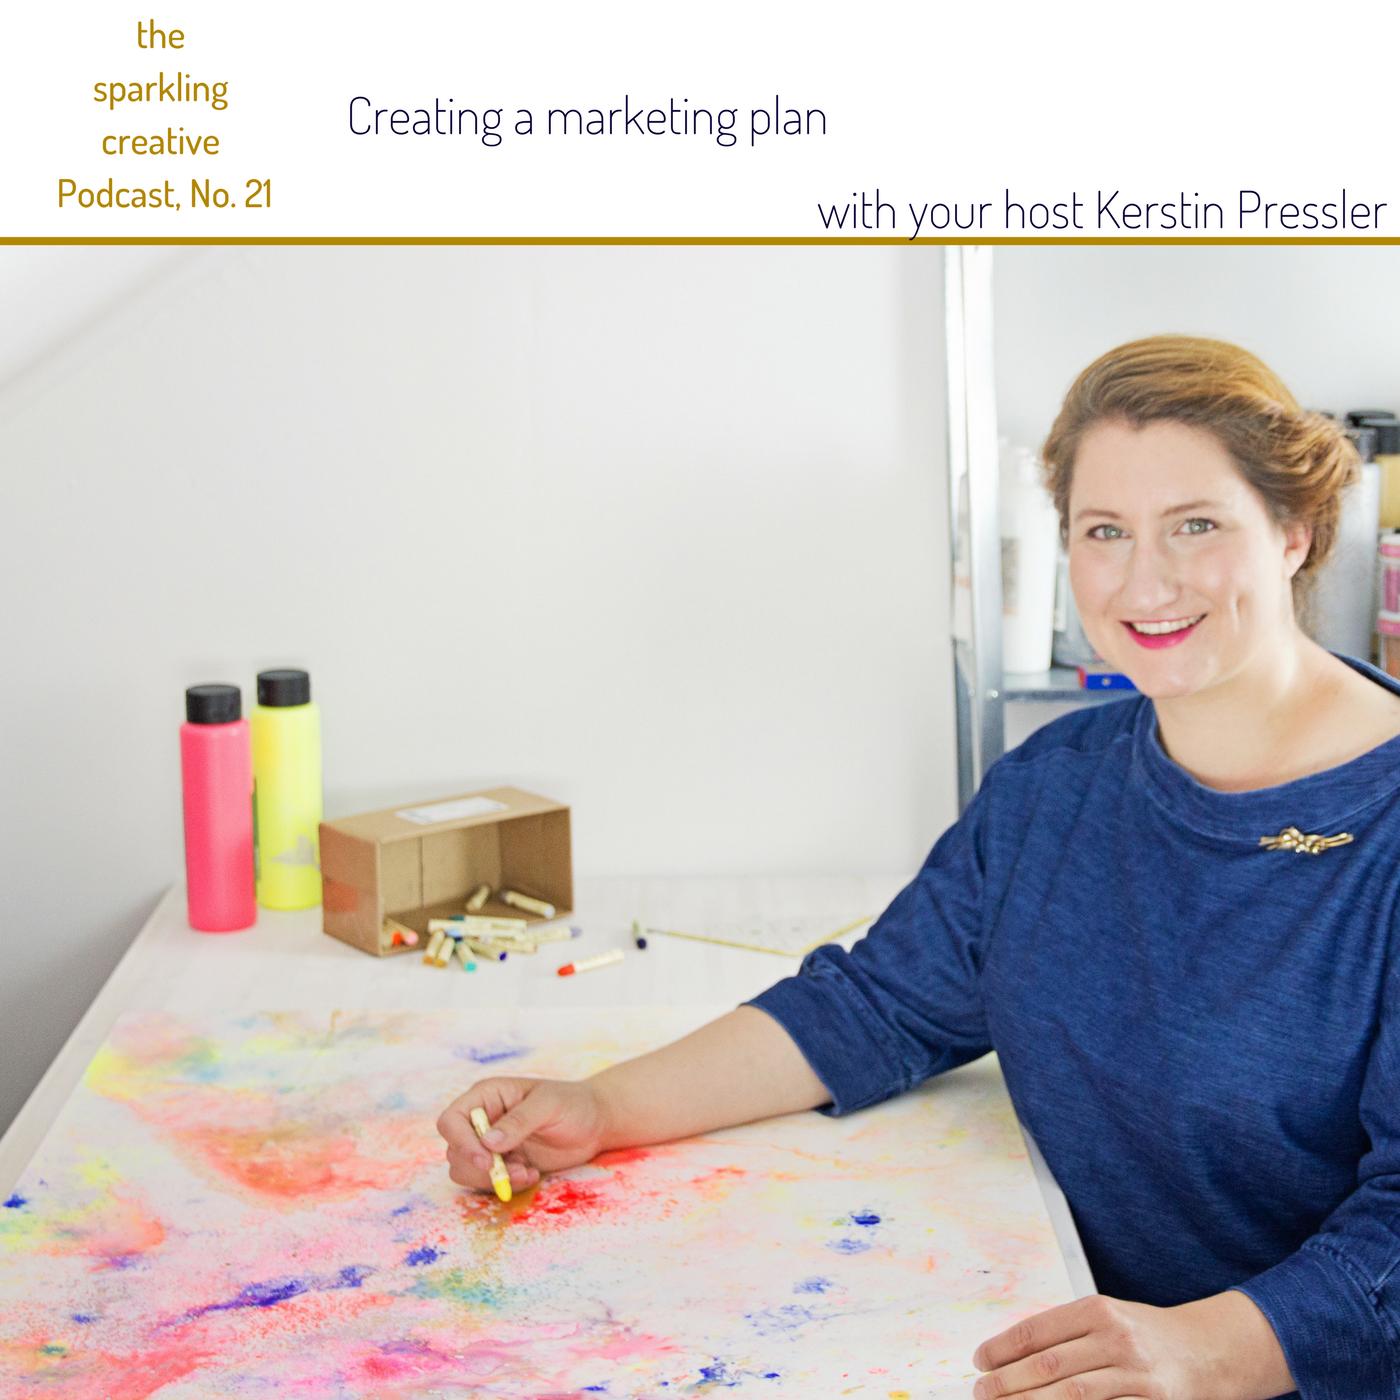 the sparkling creative Podcast, Episode 21: Creating a marketing plan, www.kerstinpressler.com/episode29